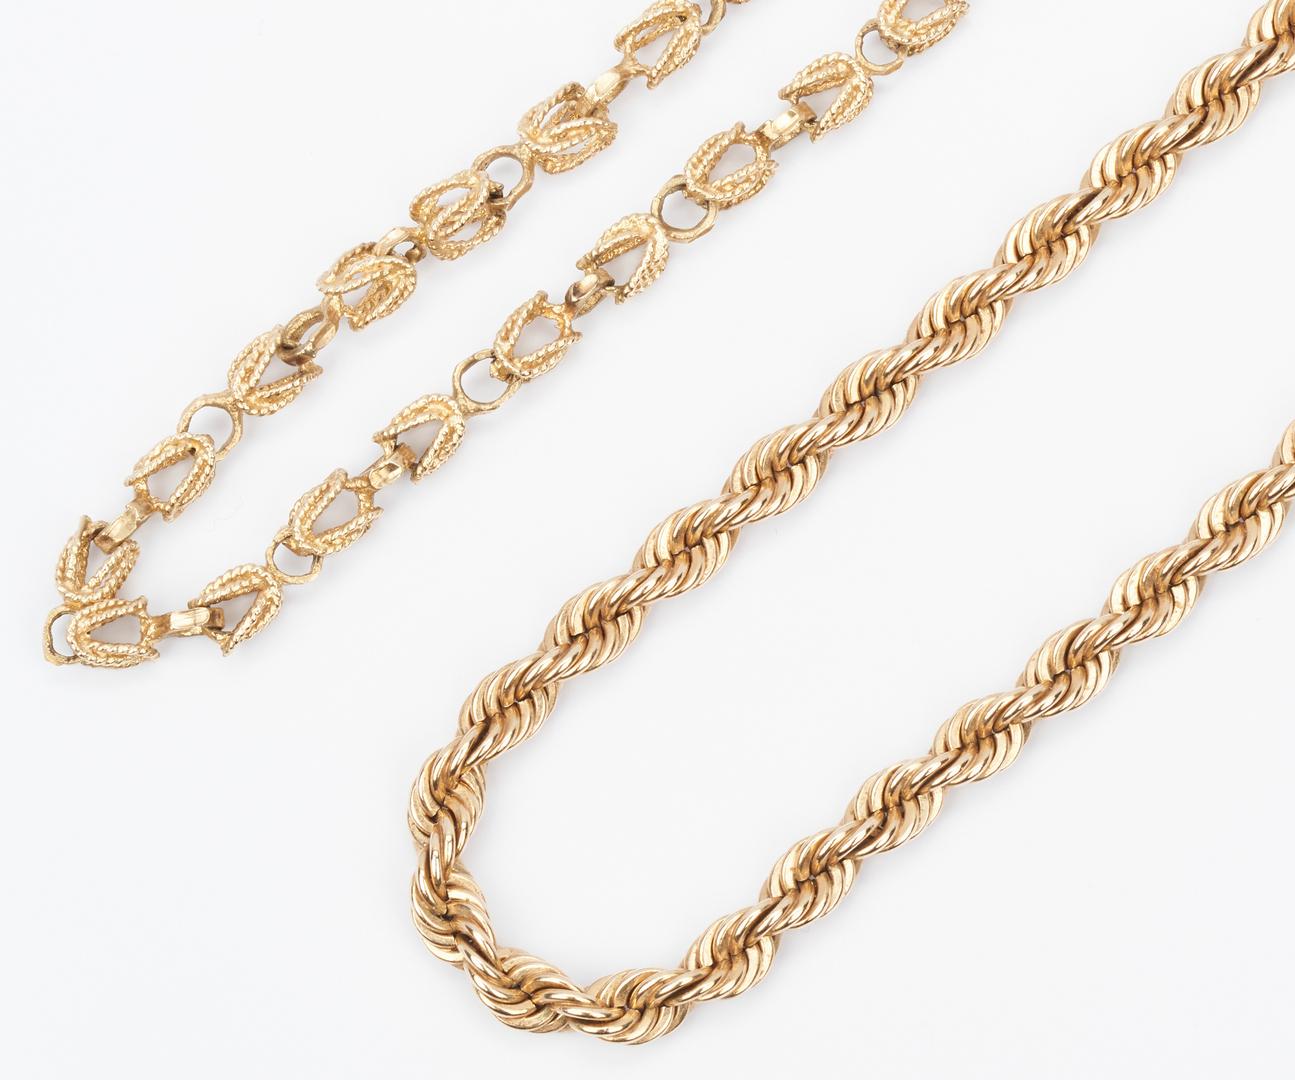 Lot 223: 2 Ladies 14K Gold Necklaces